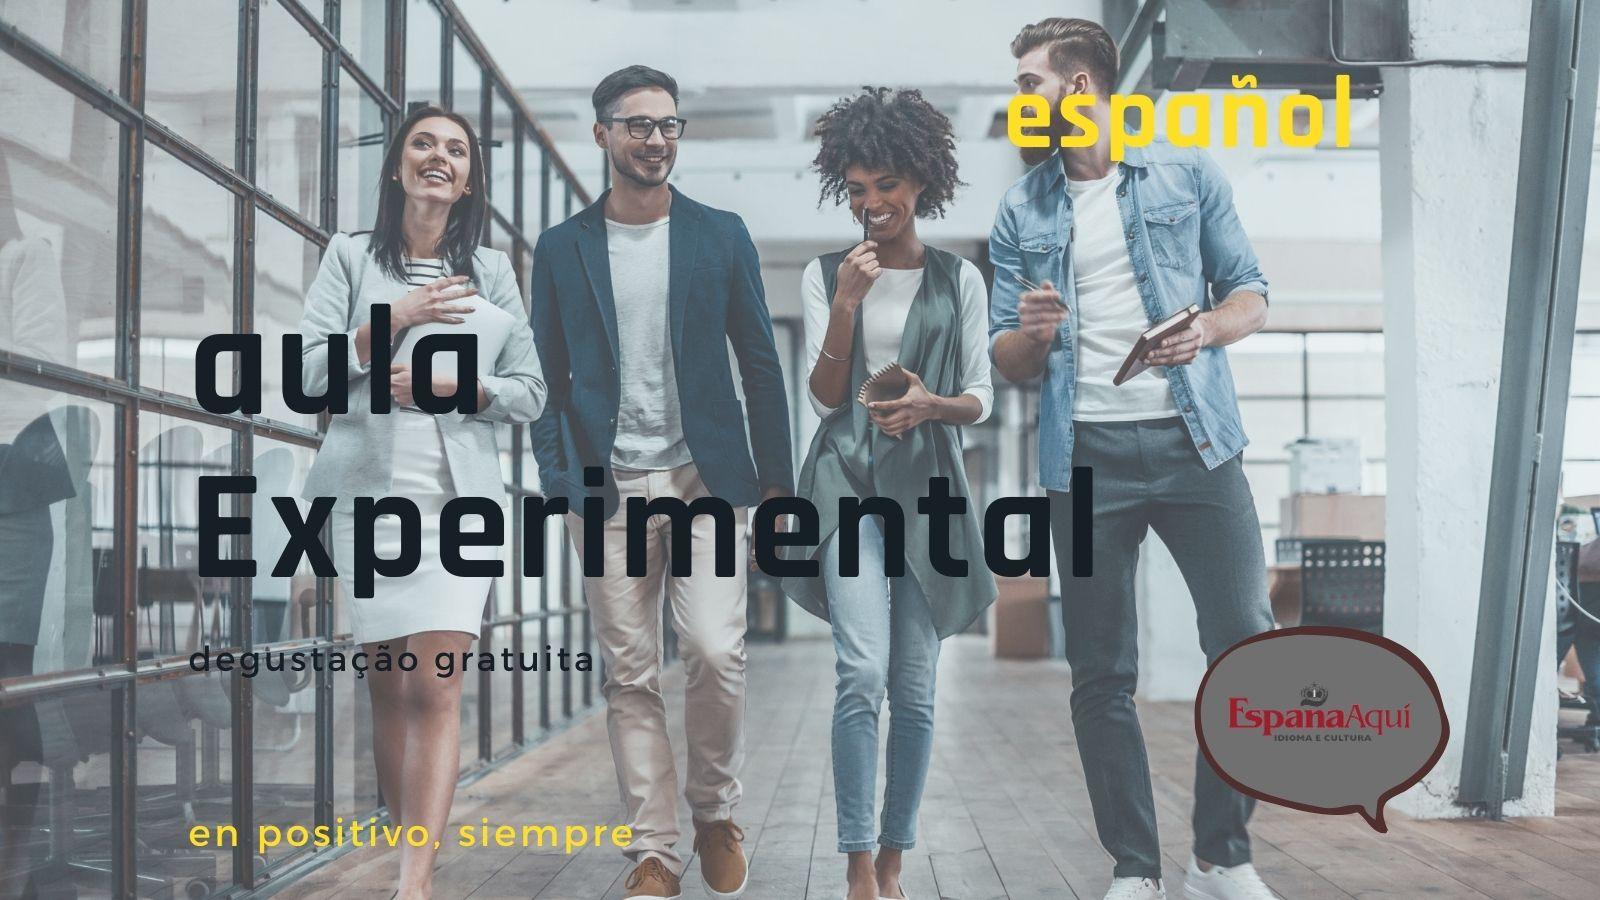 http://www.espanaaqui.com.br/pdf/janeiro%202021/aula%20experimental.jpg